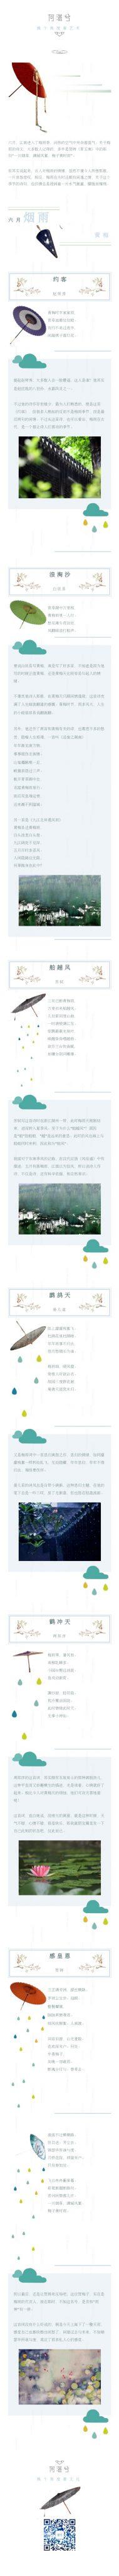 梅雨季雨水诗词赏析动态背景清新简约文章模板